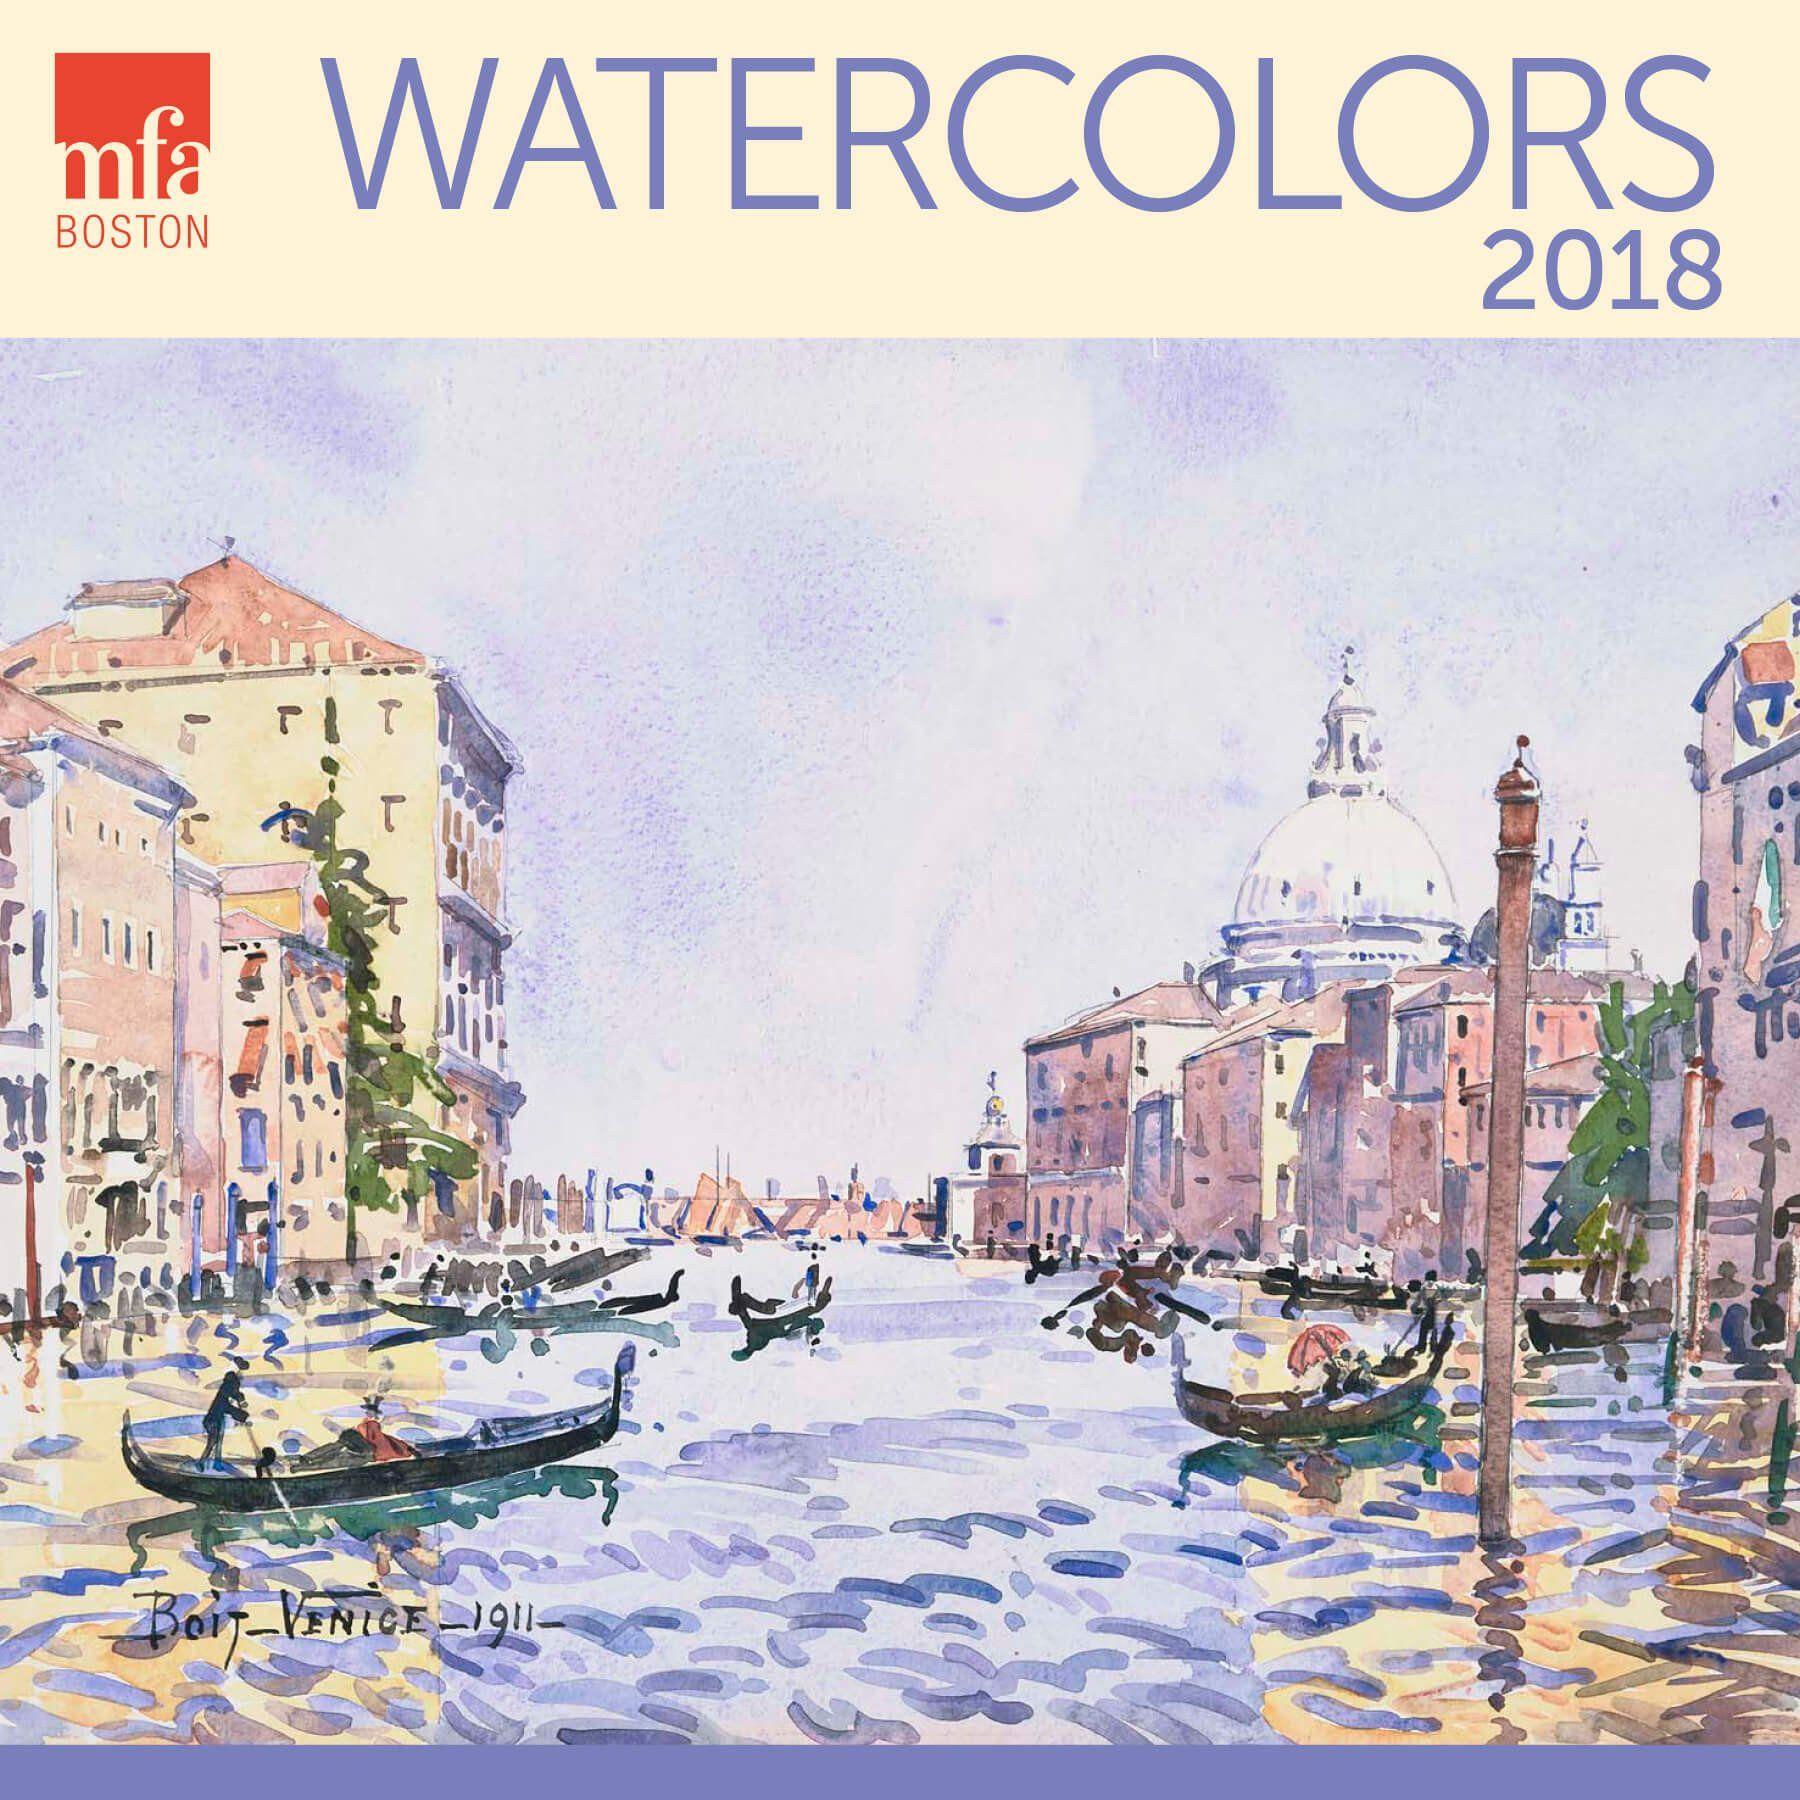 Watercolors MFA Boston Wall Calendar 2018